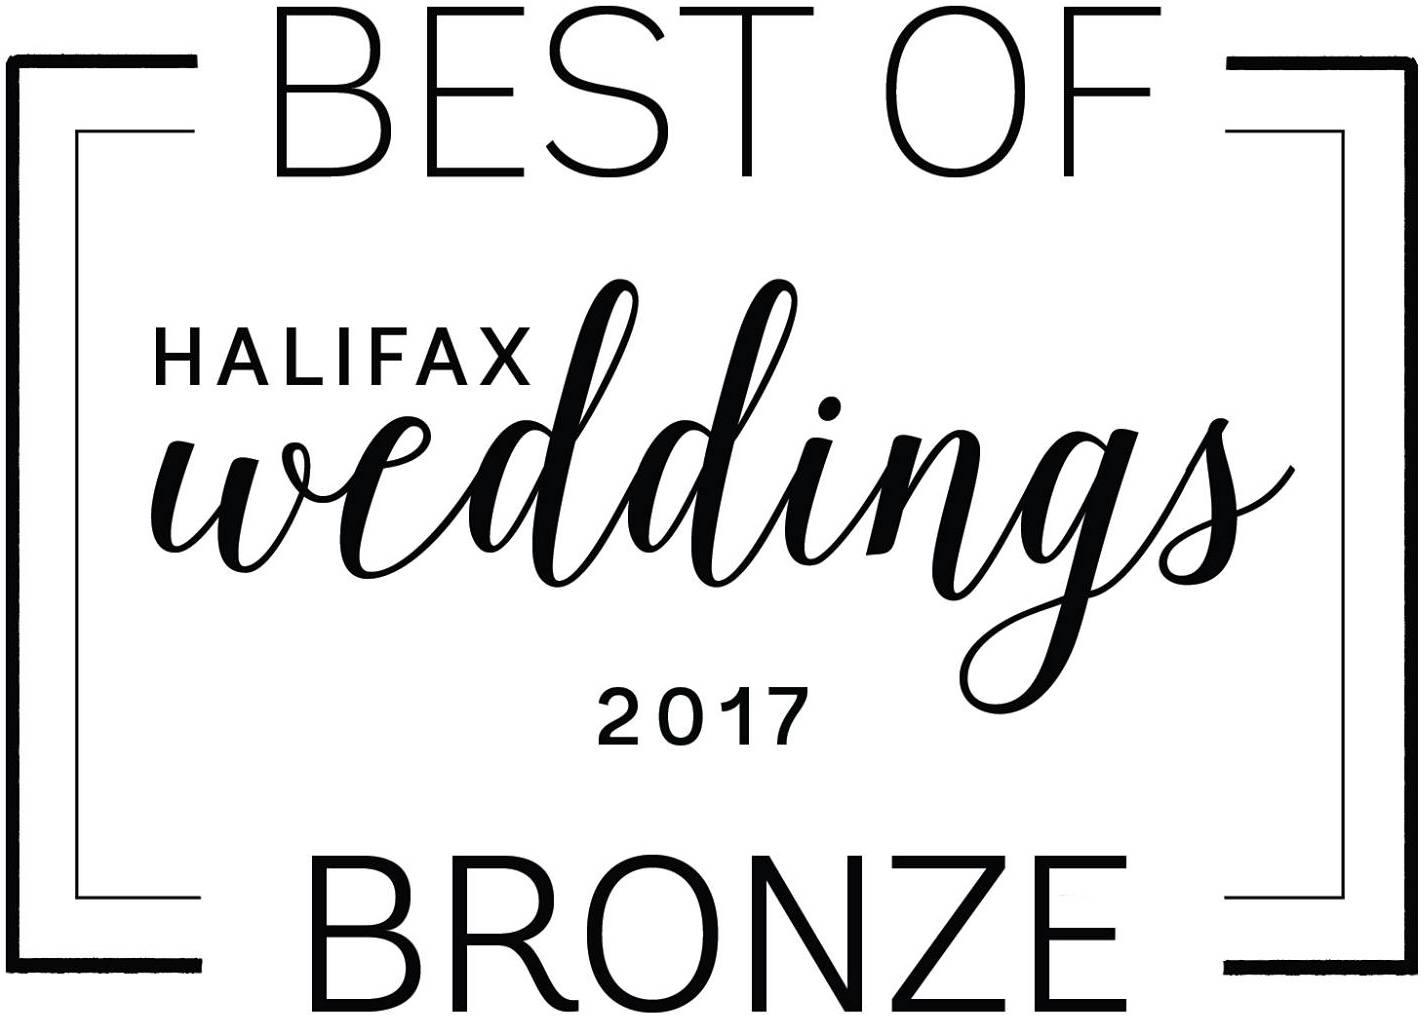 Best of Weddings 2017 copy.jpg